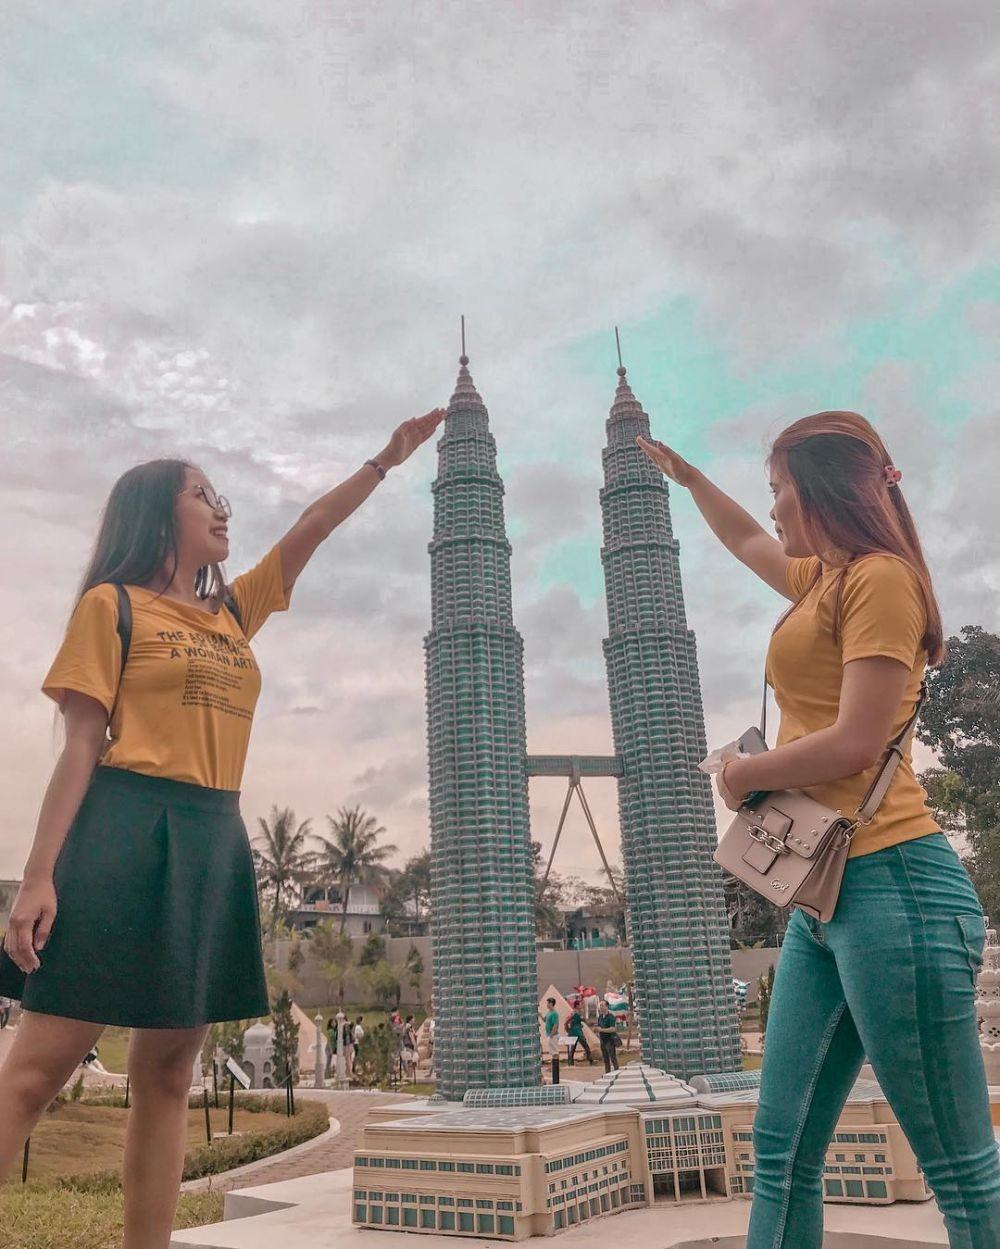 11 Potret Mini Mania, Taman Miniatur Baru di Semarang yang Hits Banget